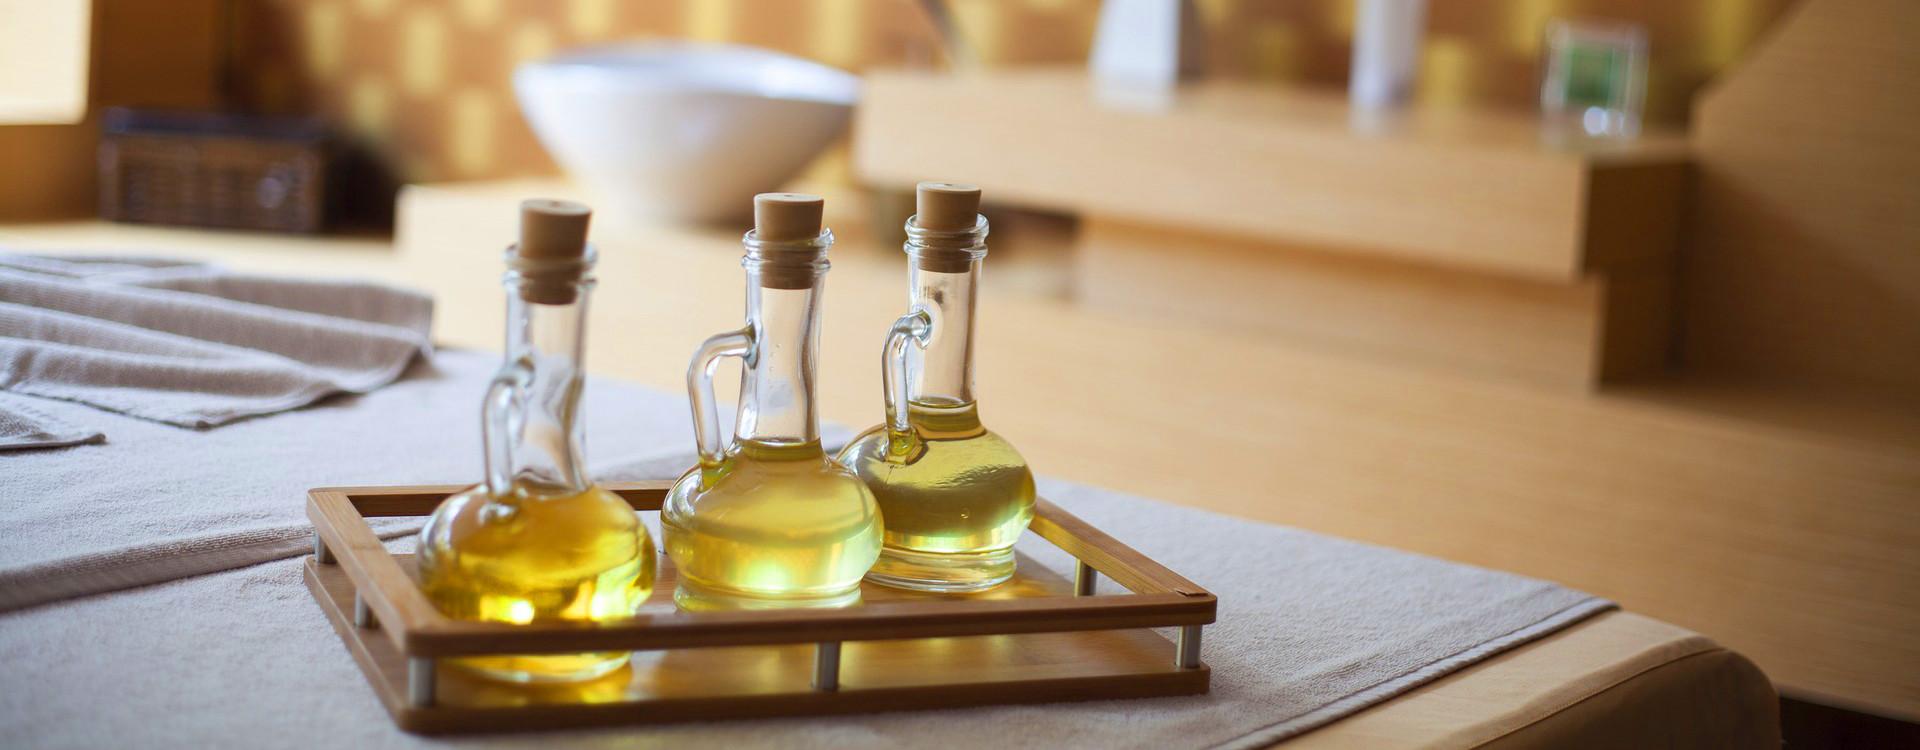 Jaki jest najlepszy olej do smażenia?